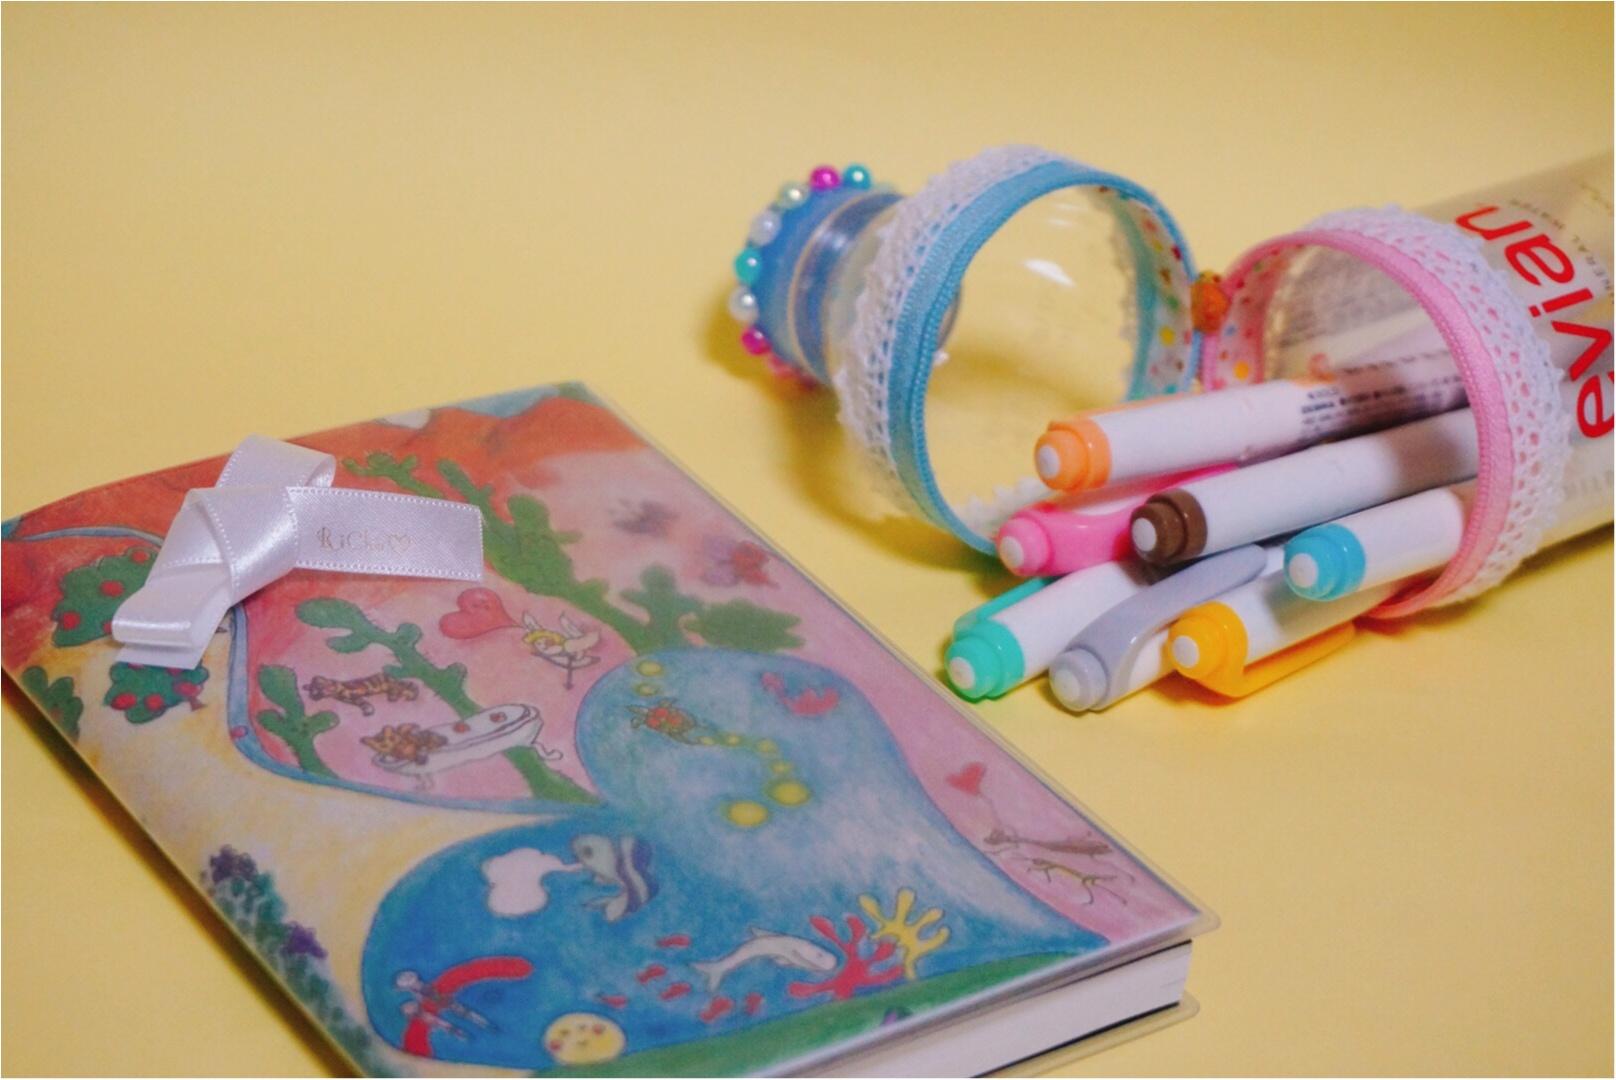 《来年の手帳はオリジナルにしてみない?》リフィルをGETしてカバーを自分仕様にDIY♡自分だけの世界で1つの手帳を作ろう♪_6